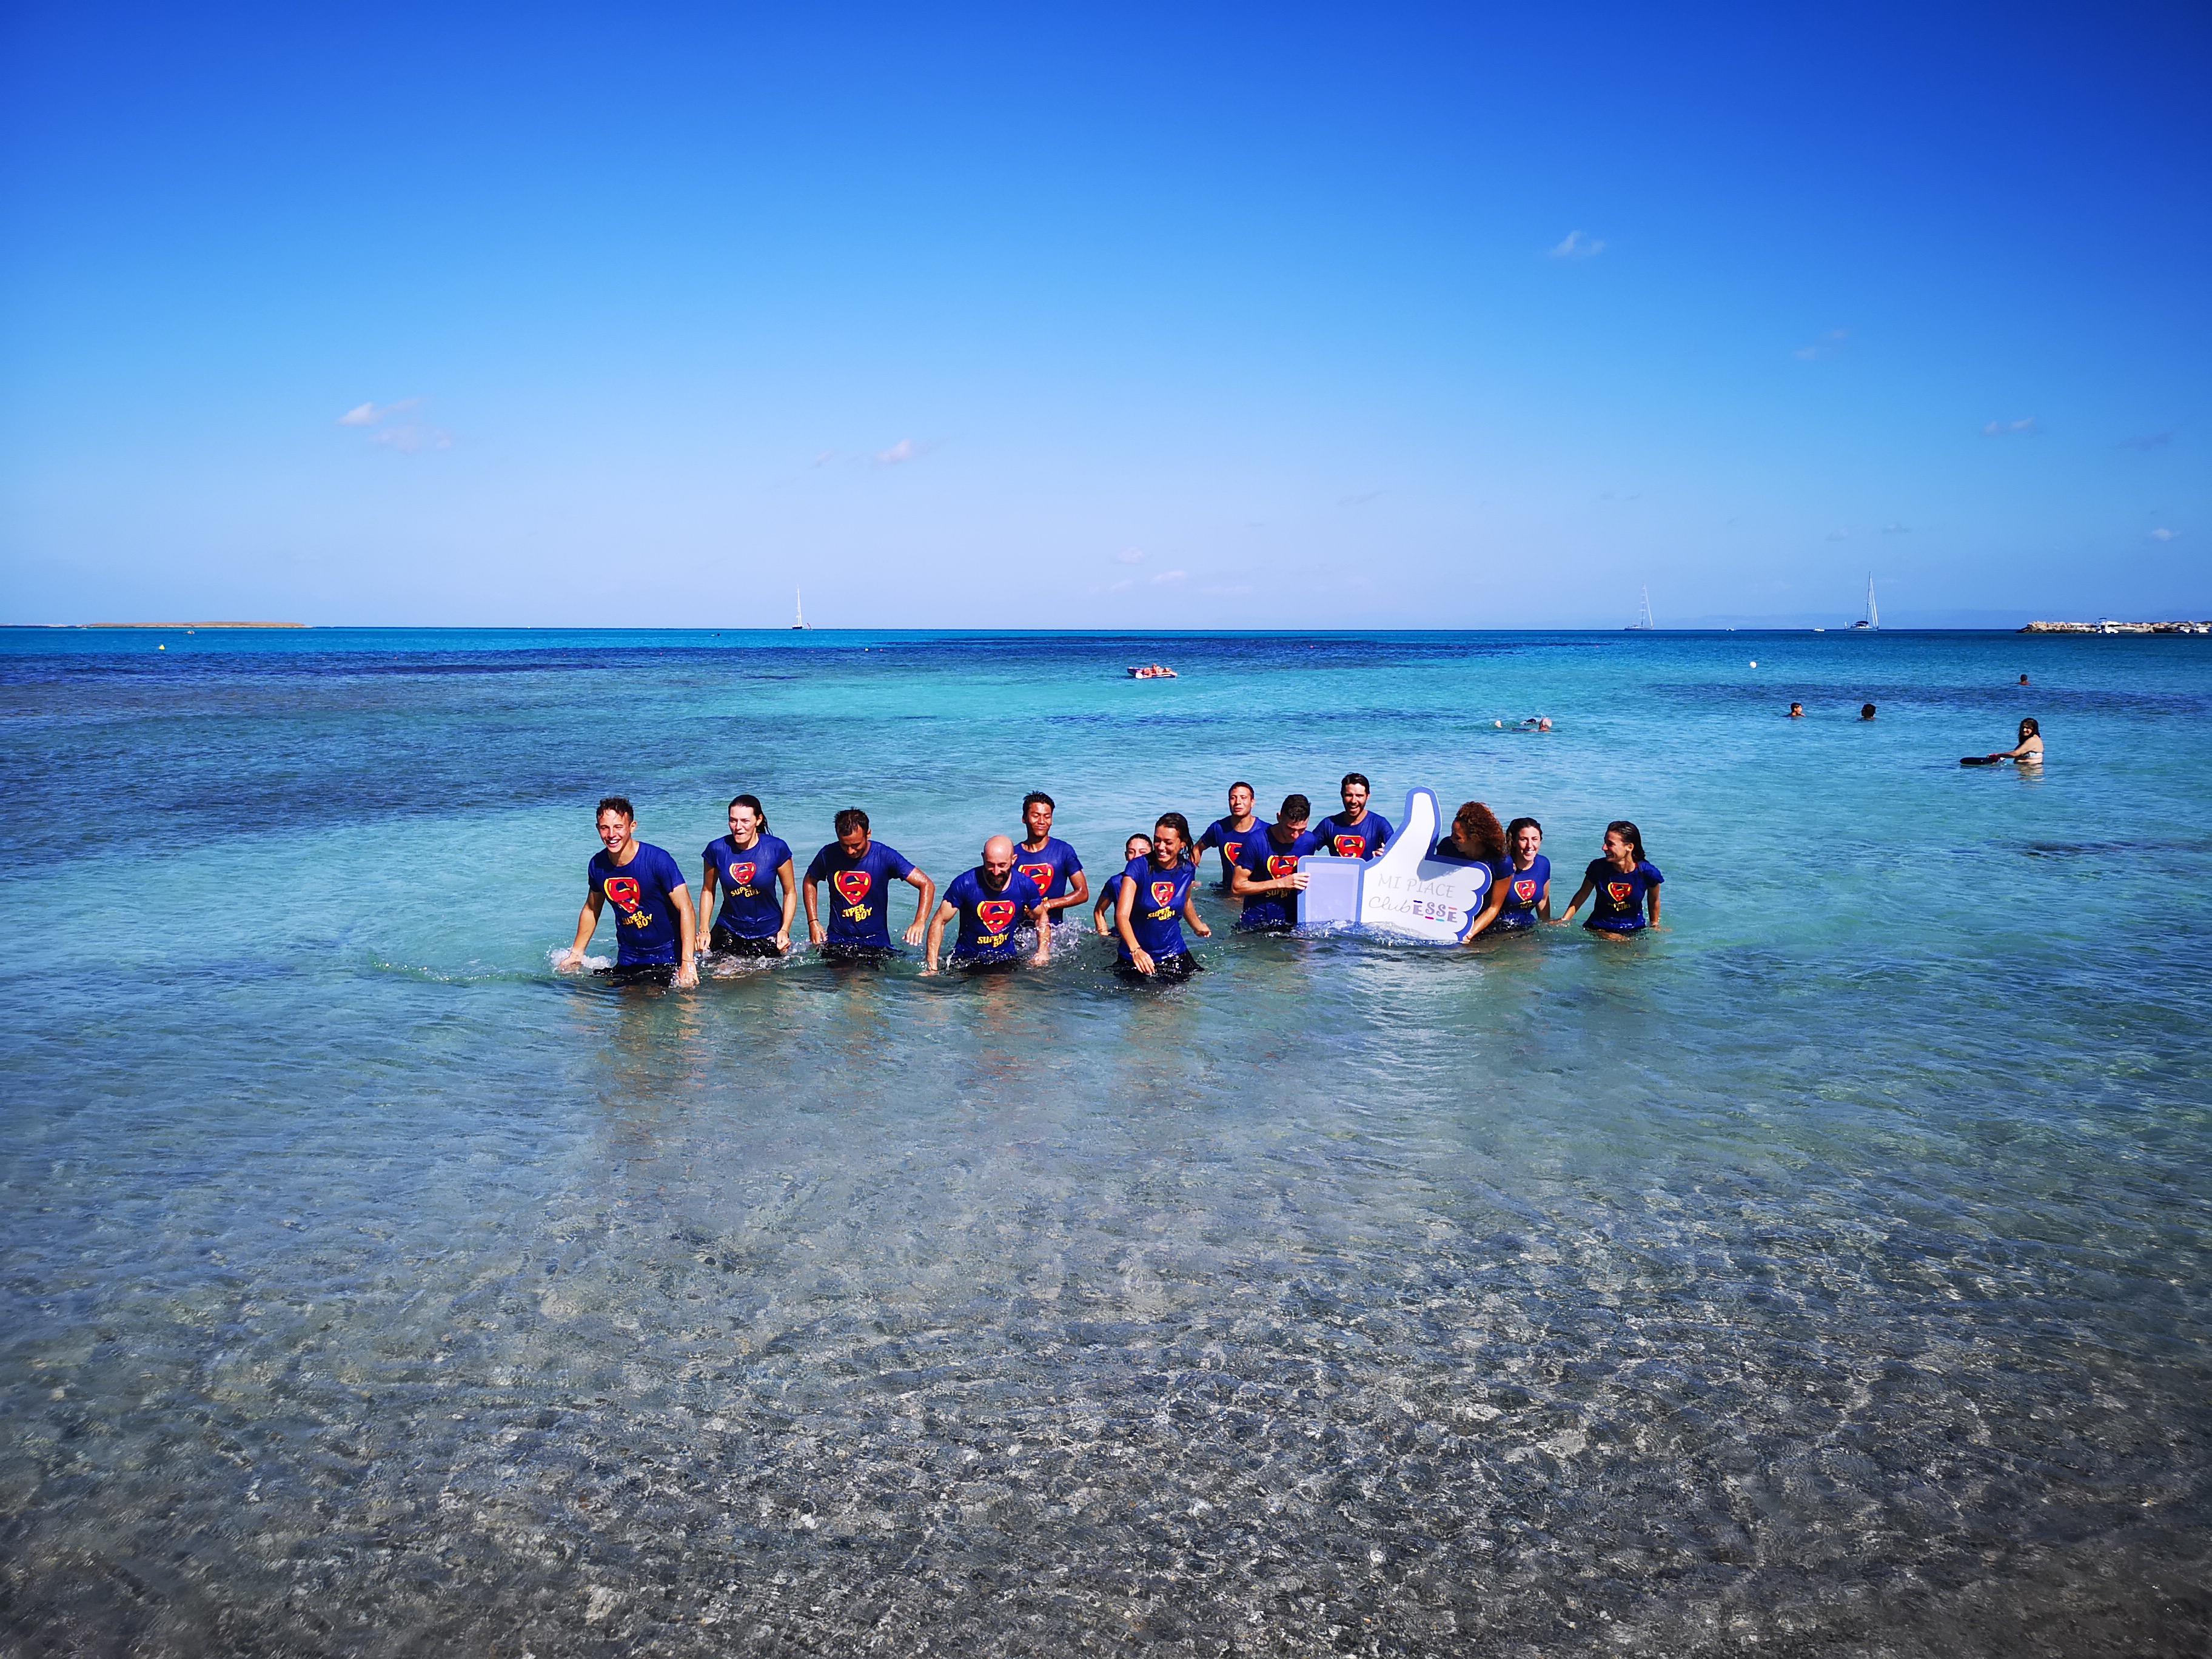 Un'equipe di Club Esse in un mare cristallino di un villaggio del sud Italia